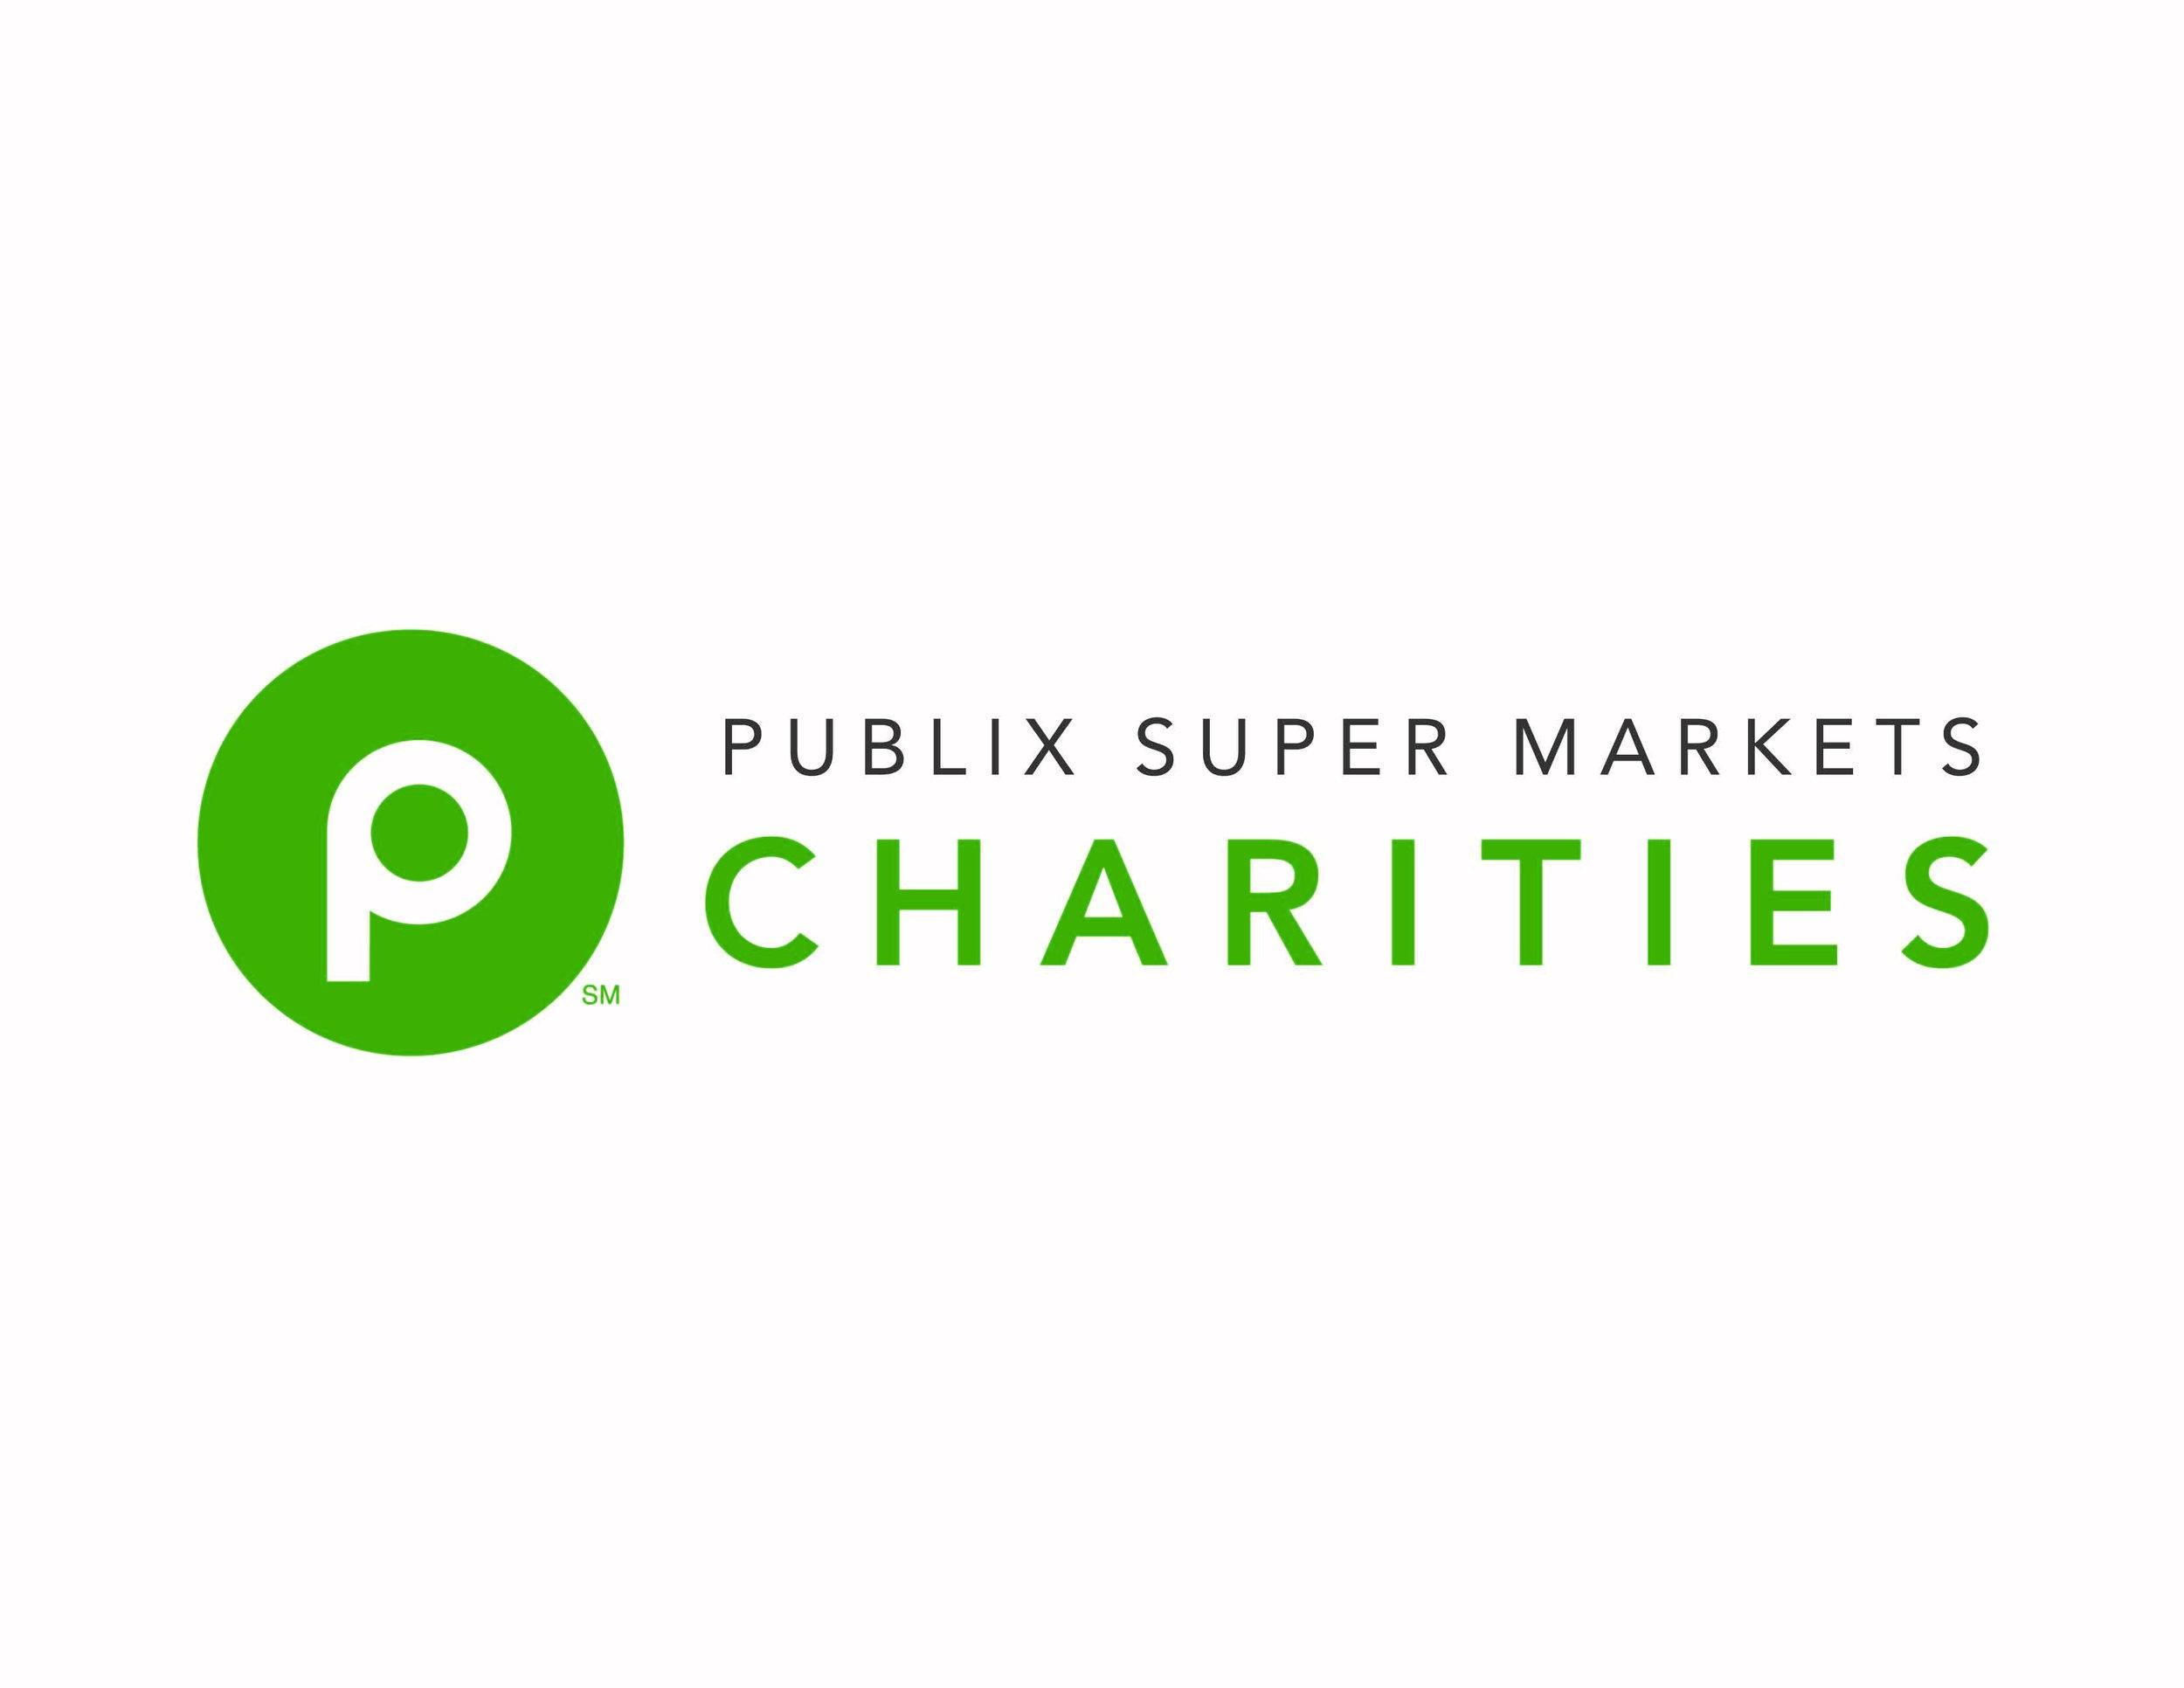 Logo - Publix SM Charities.jpg